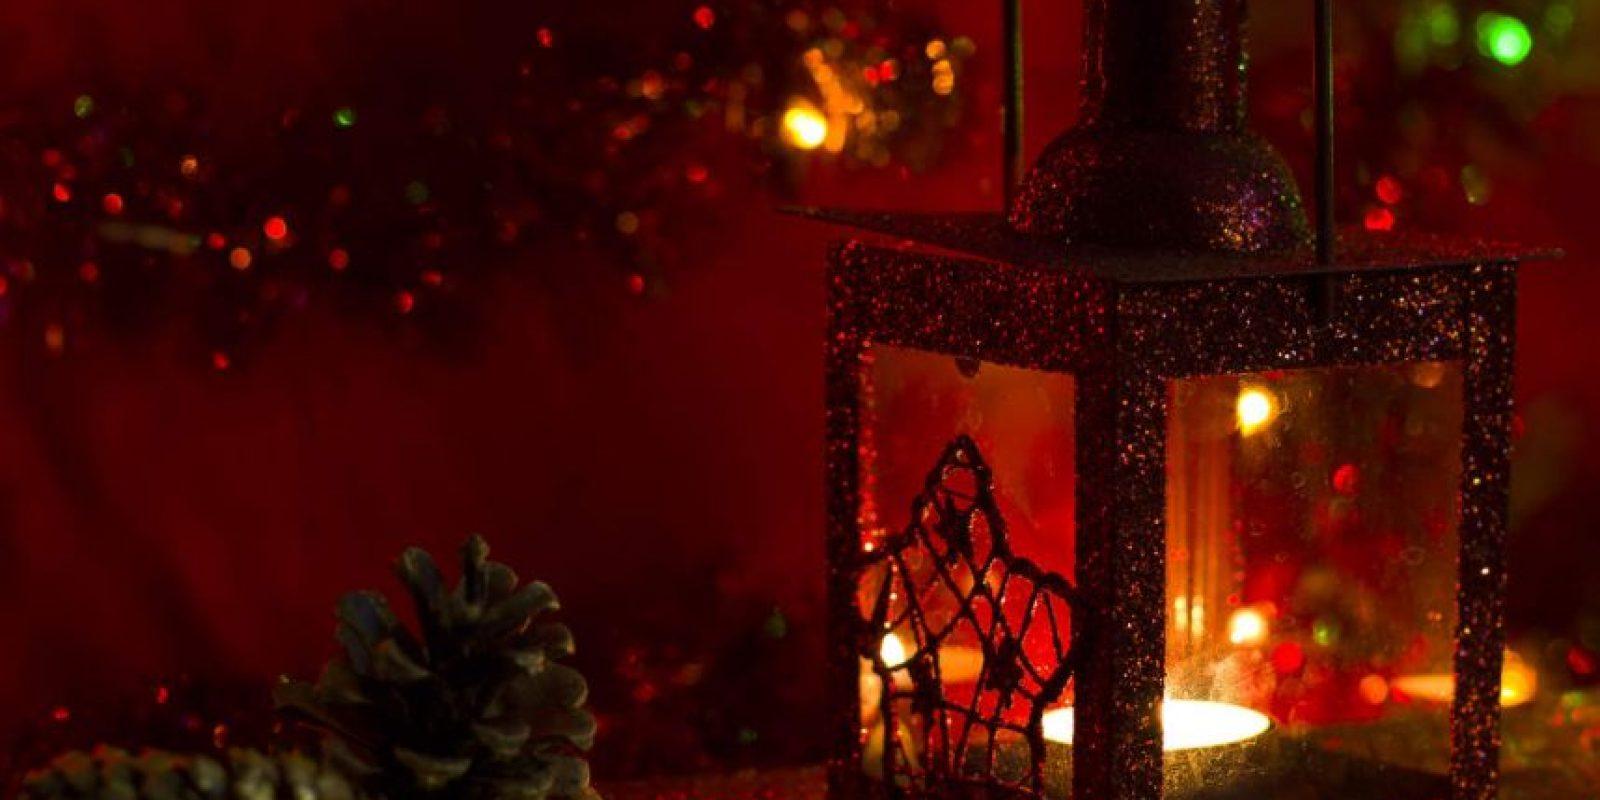 Colgó lámparas incandescentes en el Laboratorio de Menlo Park, de modo que todos los viajeros que iban en el tren pudieran ver el milagro de la Navidad. Foto:Wikicommons